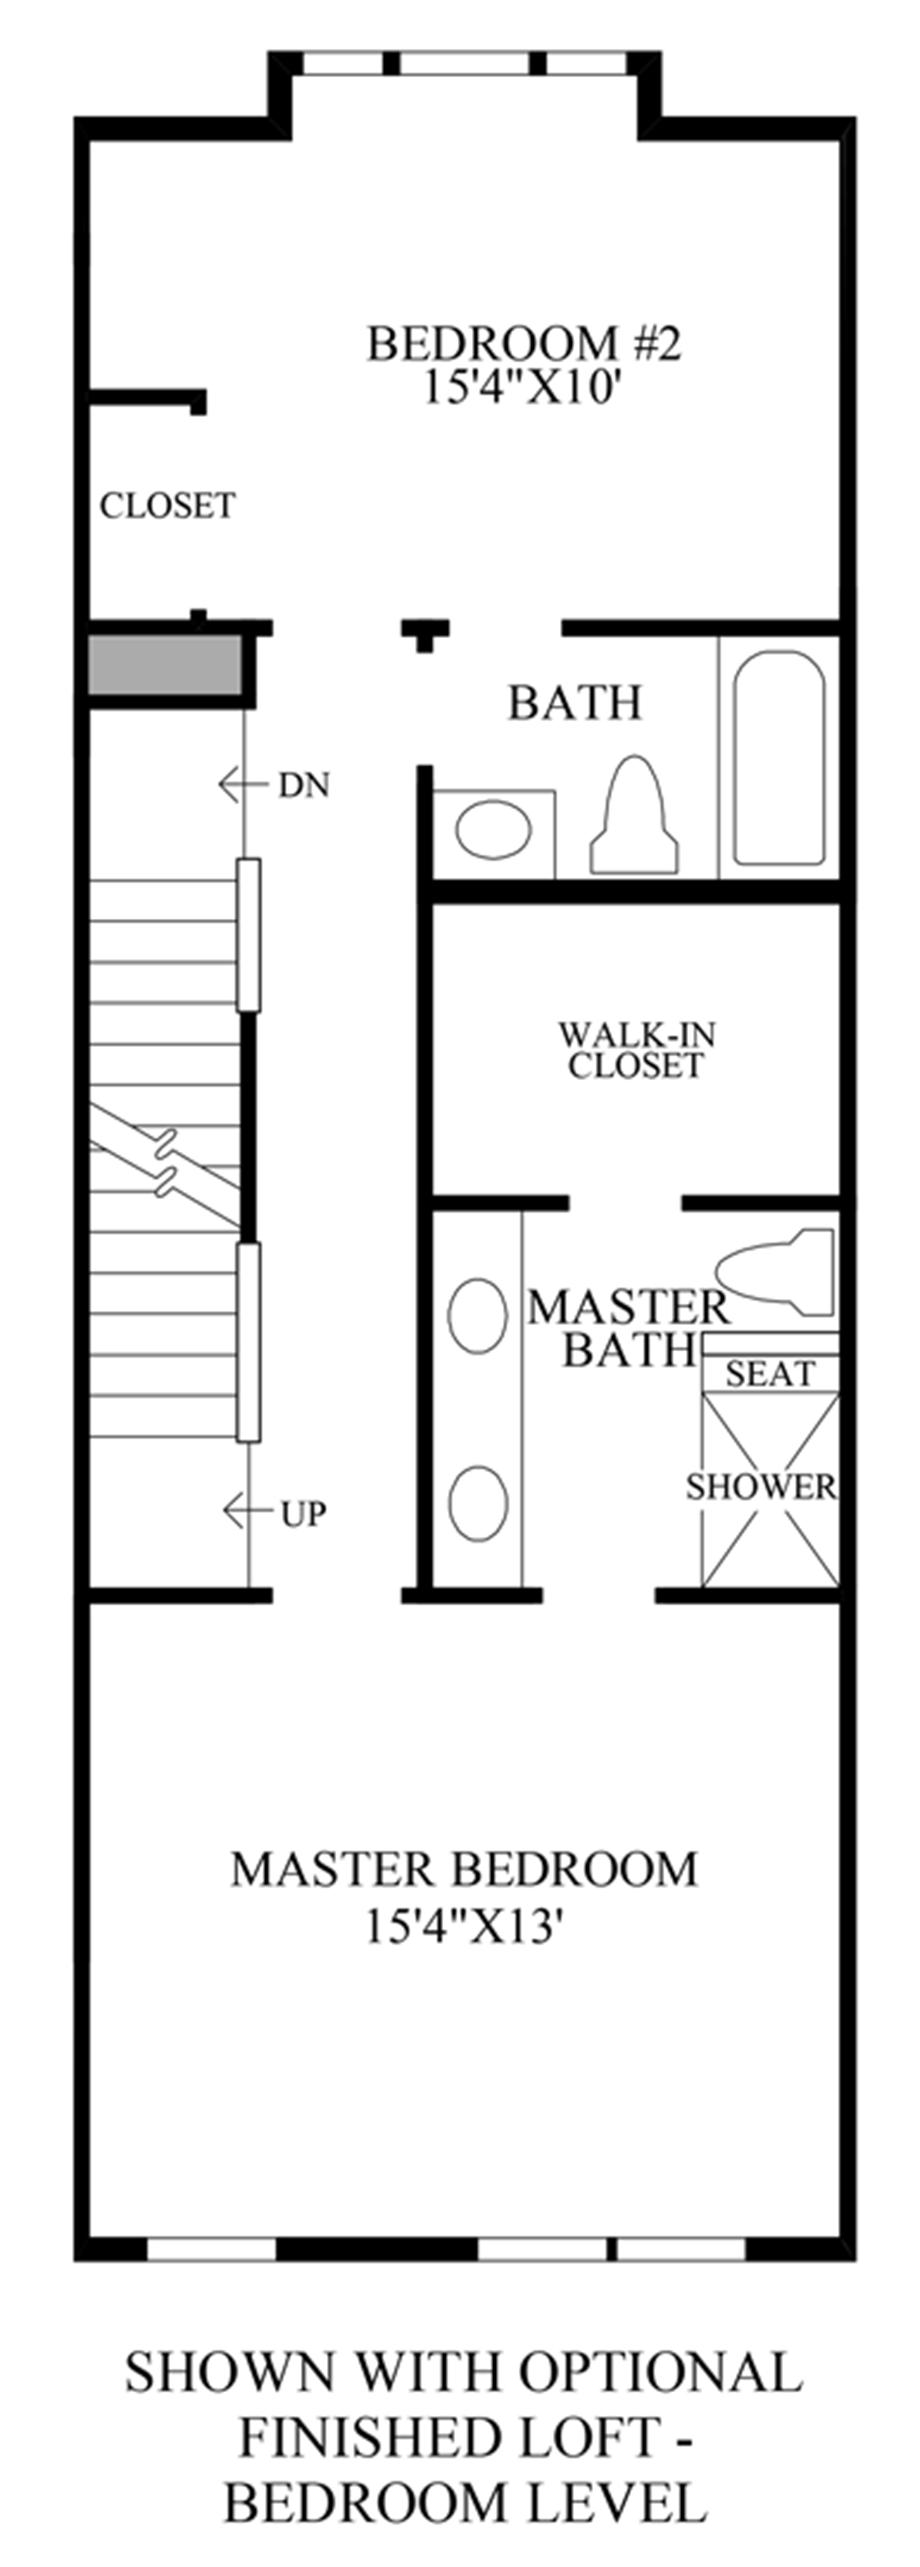 Optional Finished Loft - Bedroom Level Floor Plan